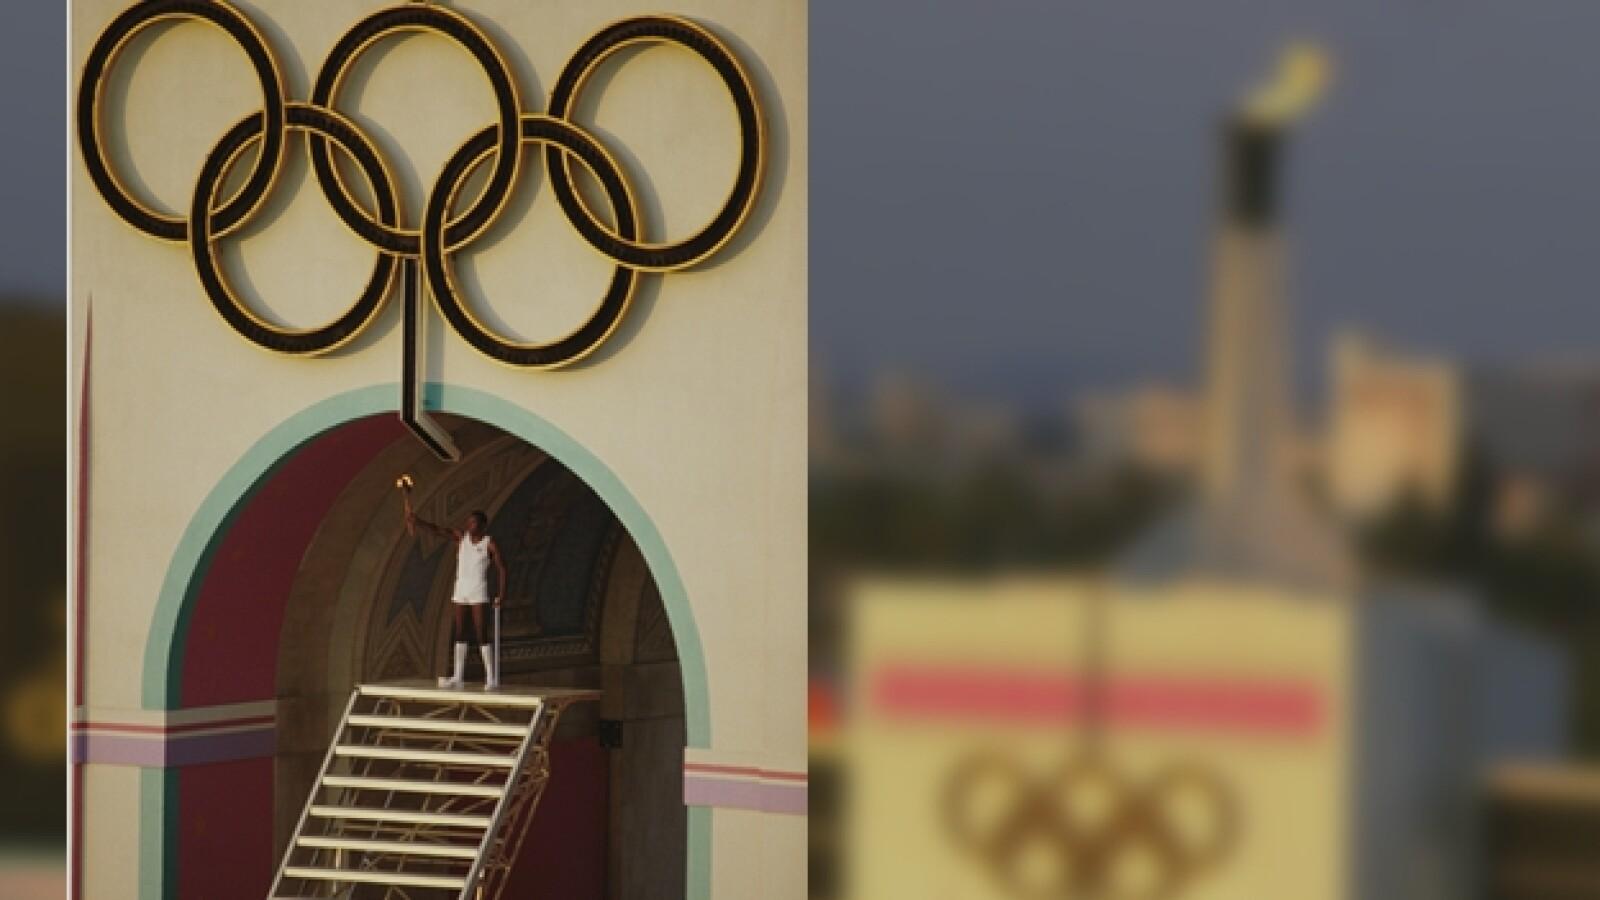 juegos, olimpicos, eu, los angeles, 1984